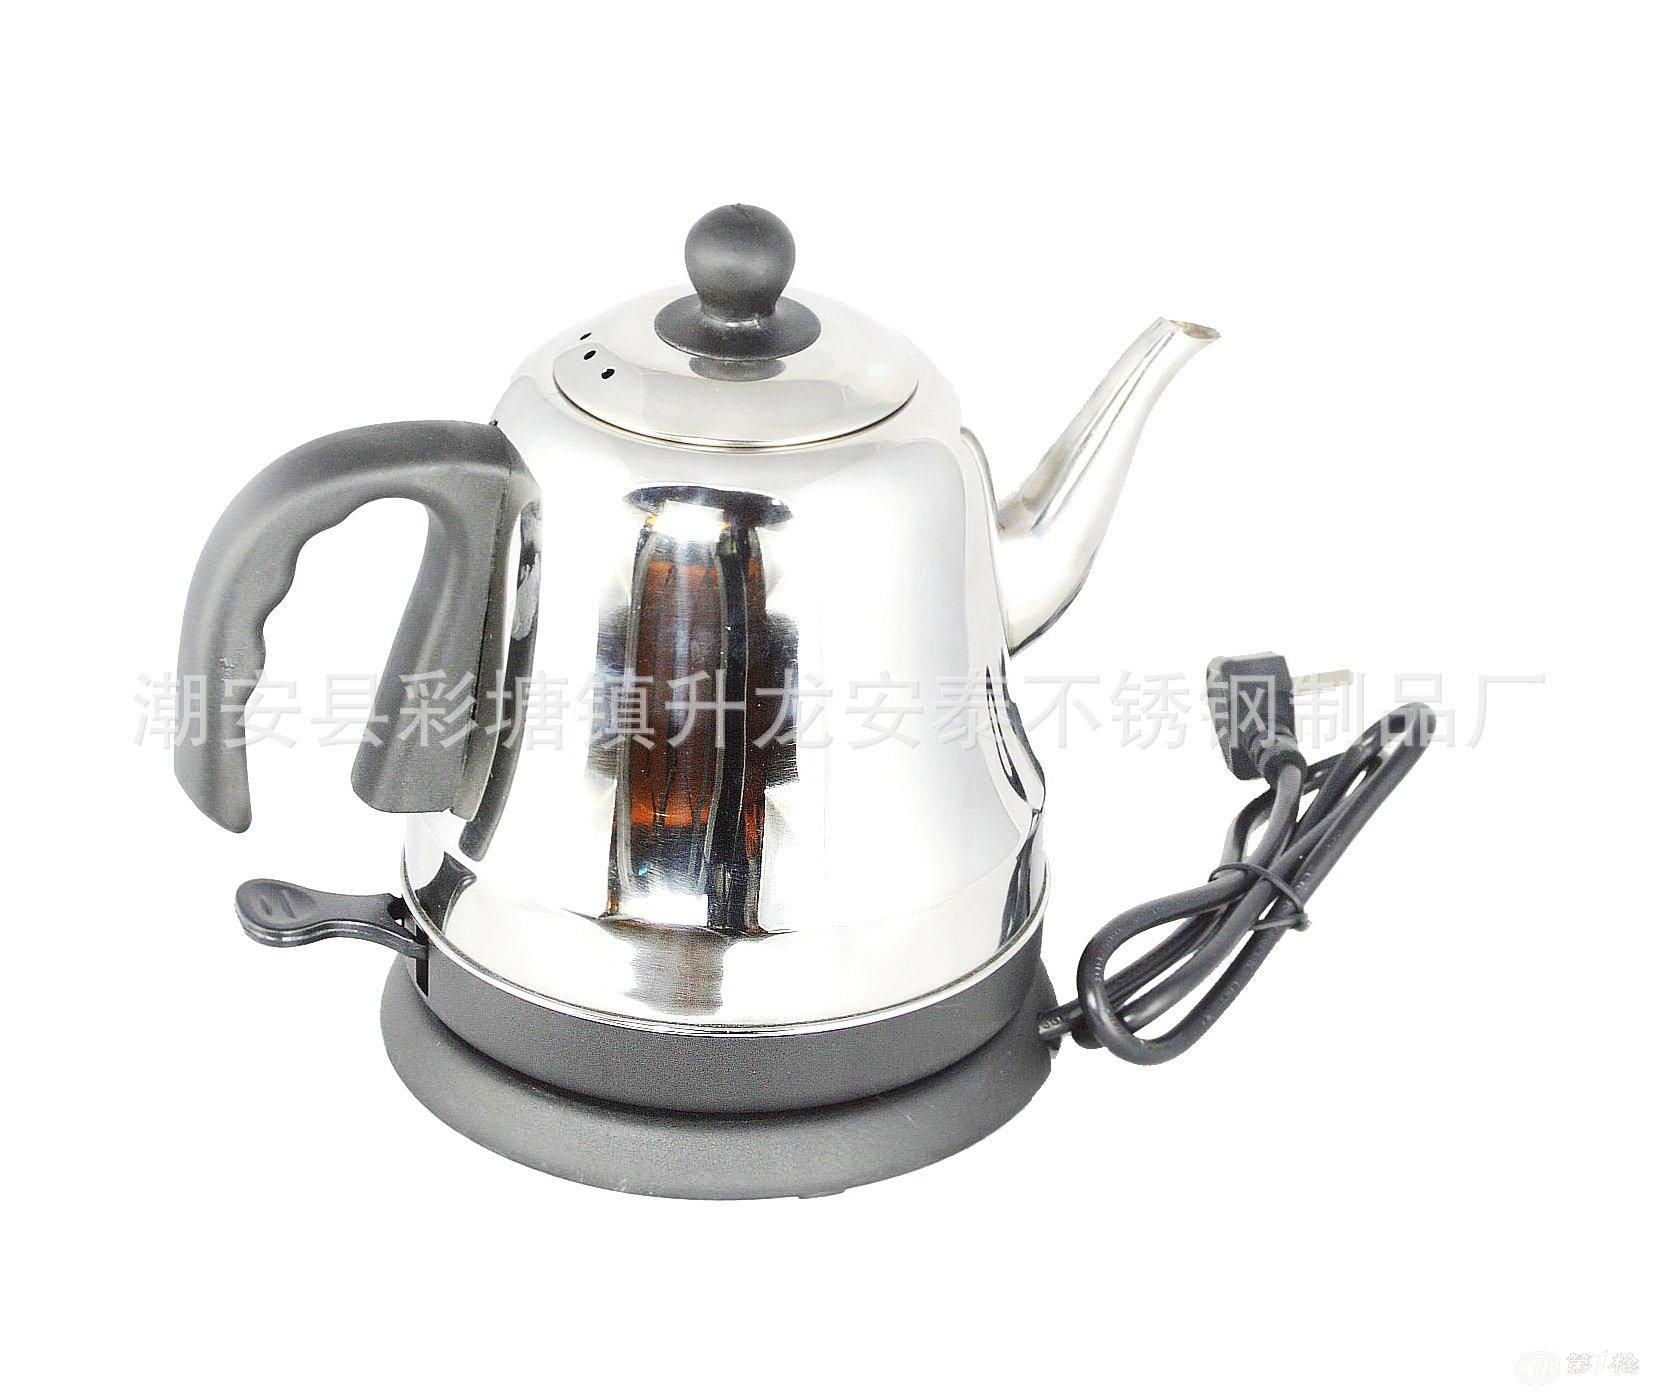 批发不锈钢电热水壶 快速壶 防干烧壶 电水壶 新创意促销礼品电器